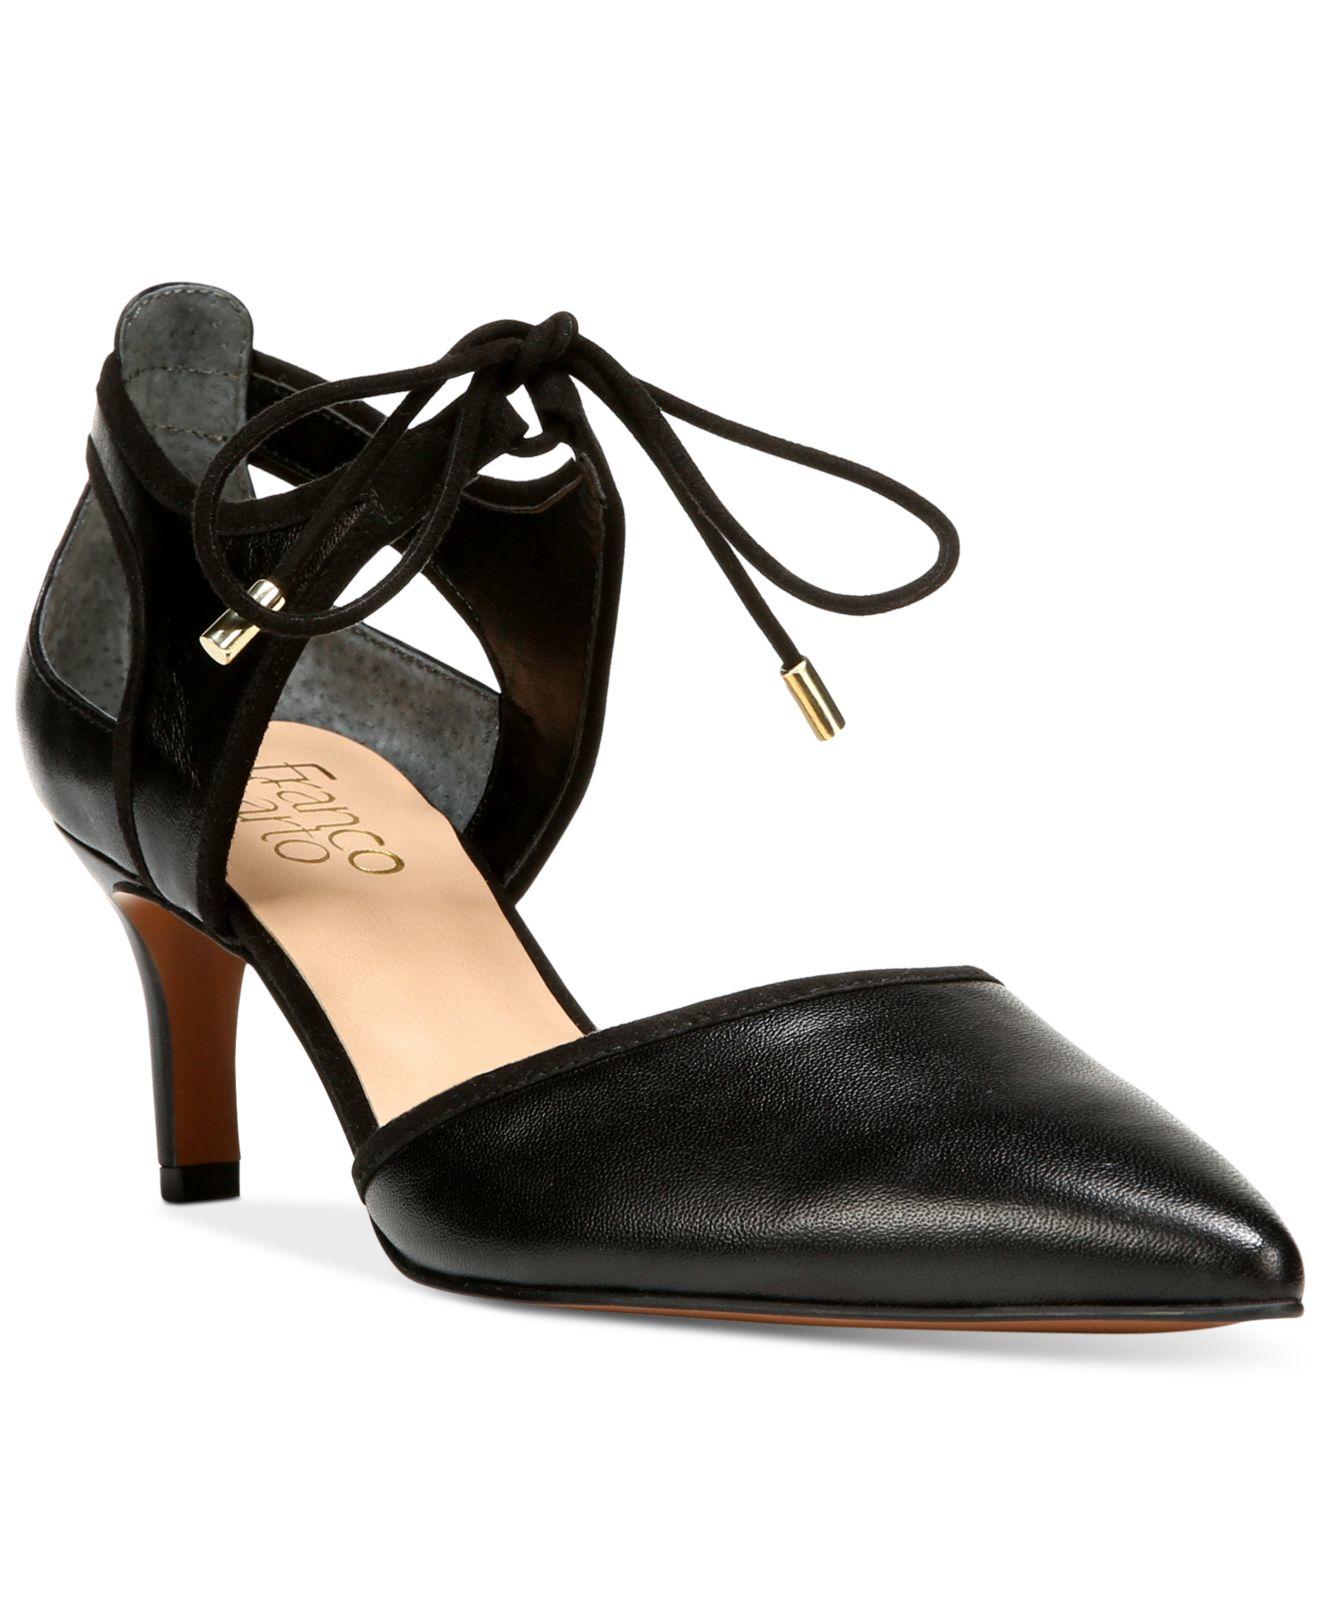 Franco Sarto Darlis Ankle Tie Pointed Toe Pumps In Black